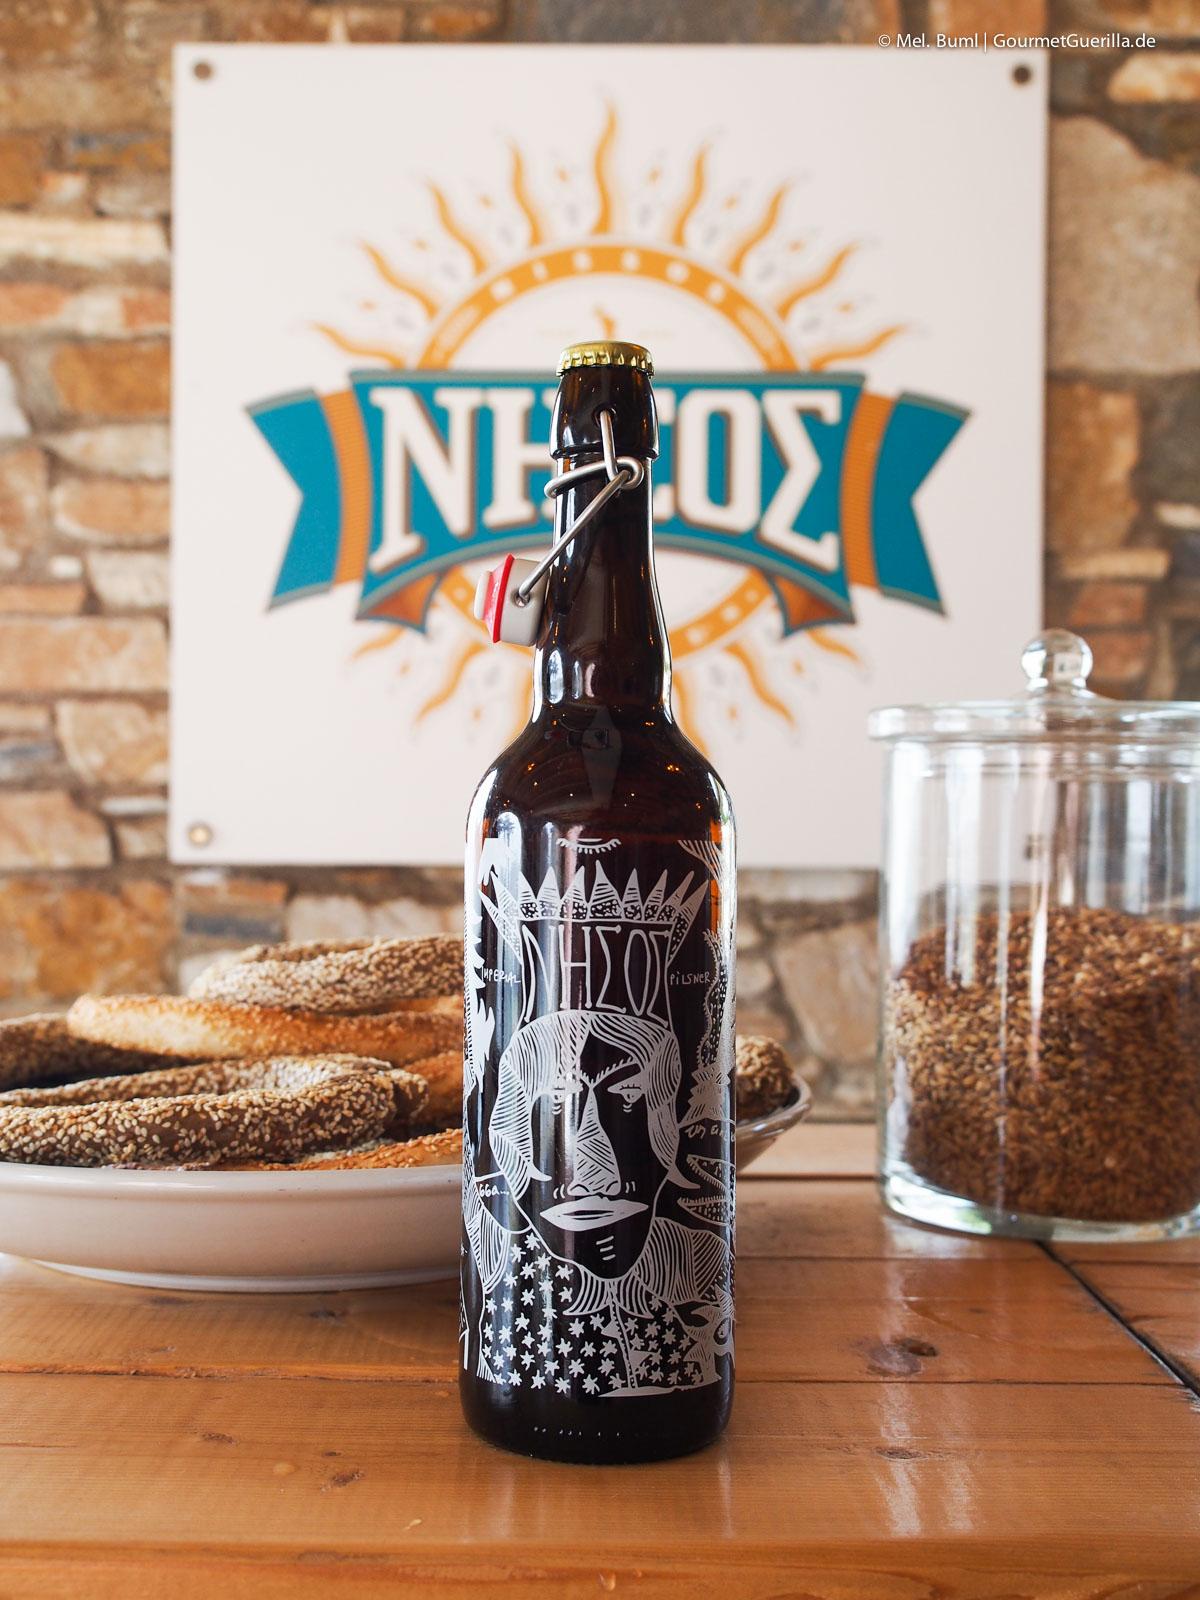 Nissos Bier Reisebericht Tinos Foodpath griechische Insel Kykladen Griechenland |GourmetGuerilla.de